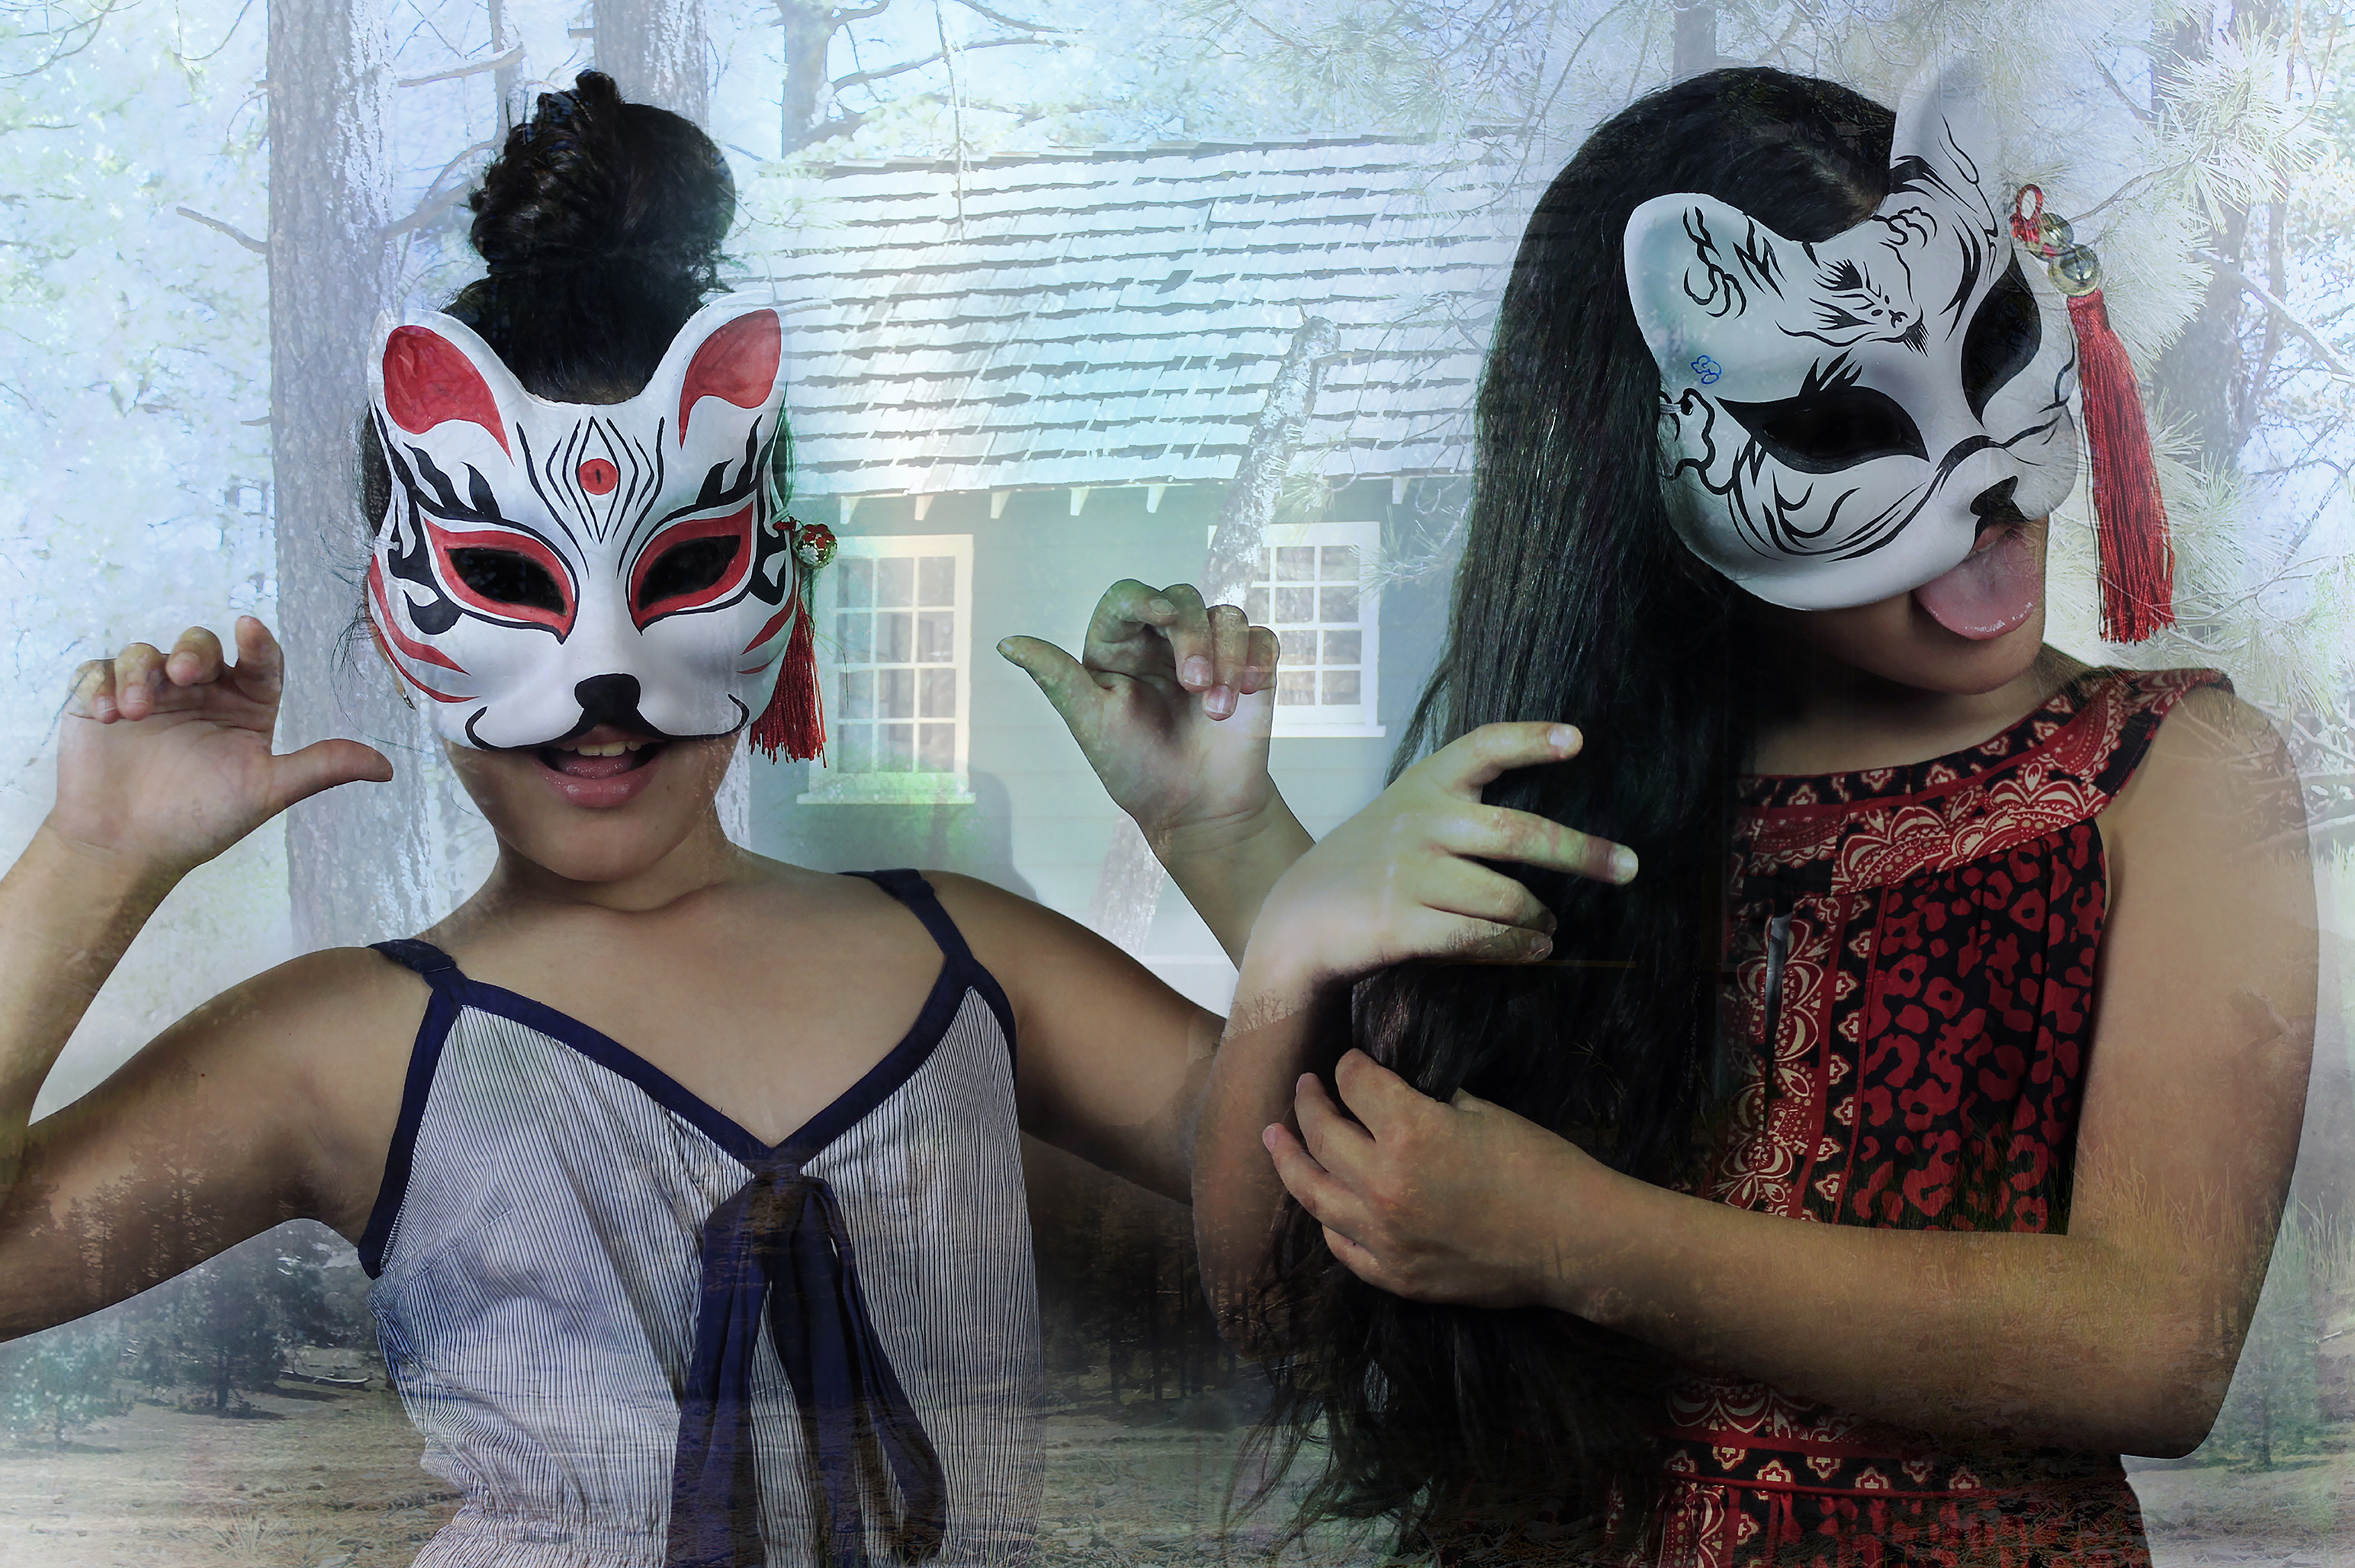 The Yako Sisters